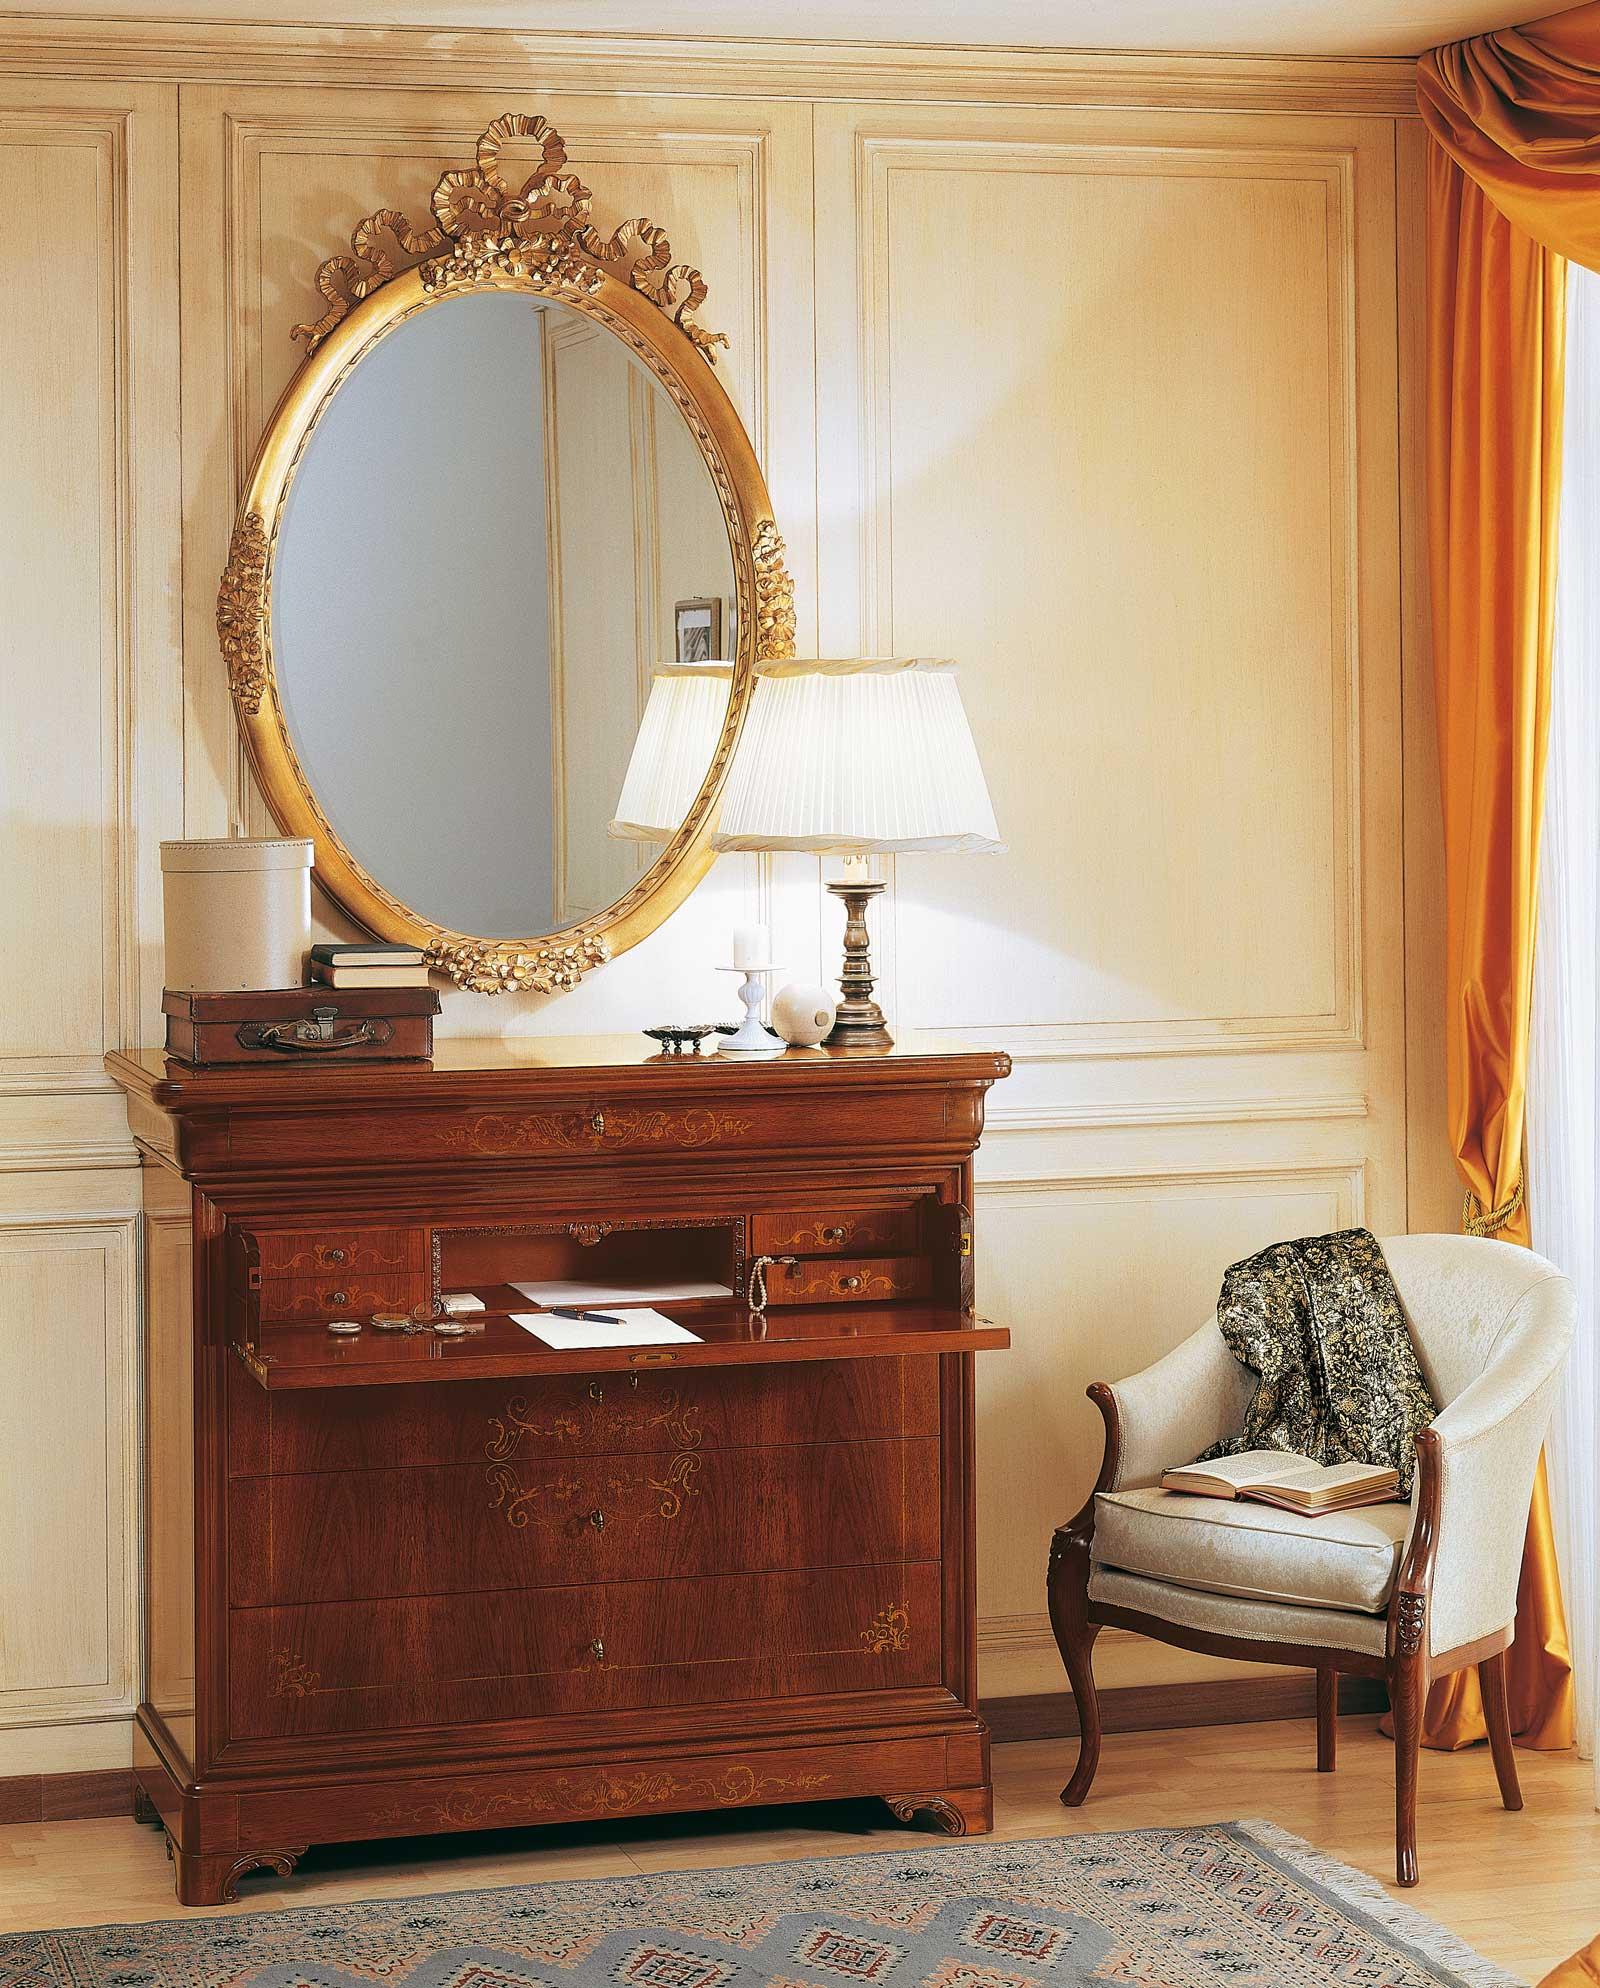 Camera da letto 800 francese trumeau intarsiato e - Camera da letto francese ...